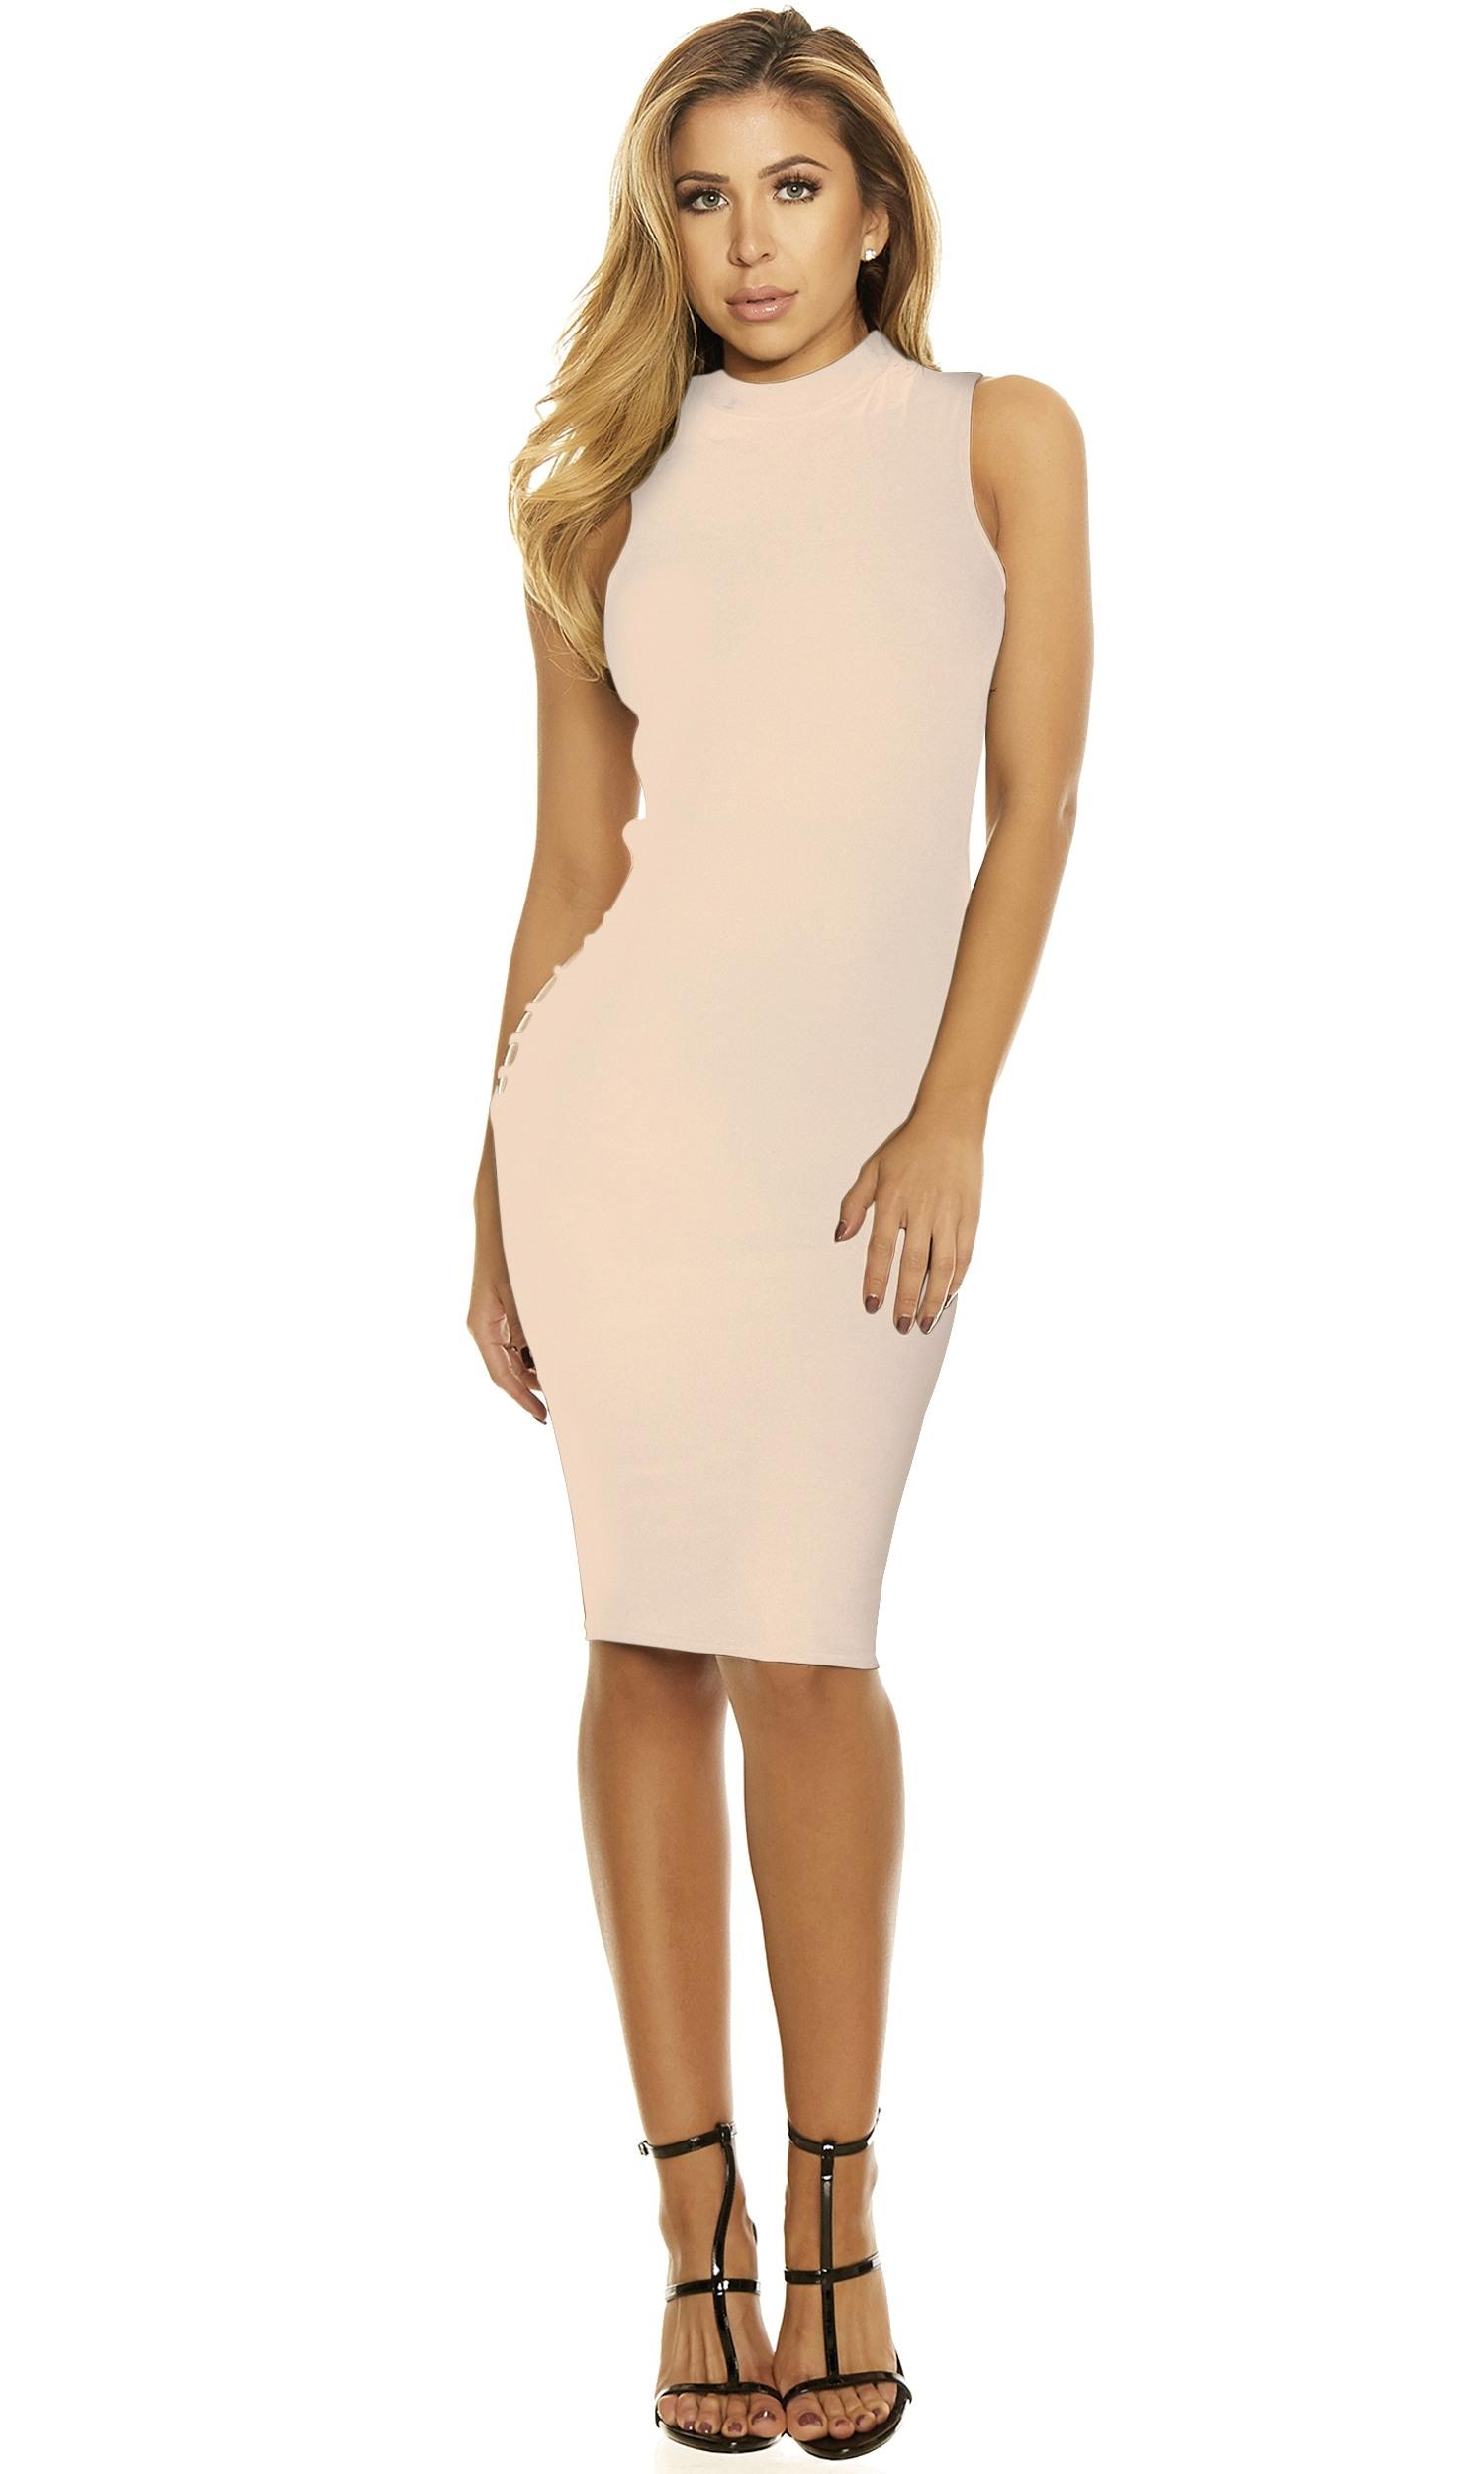 10 Fantastisch Kleid Eng Design Kreativ Kleid Eng Galerie